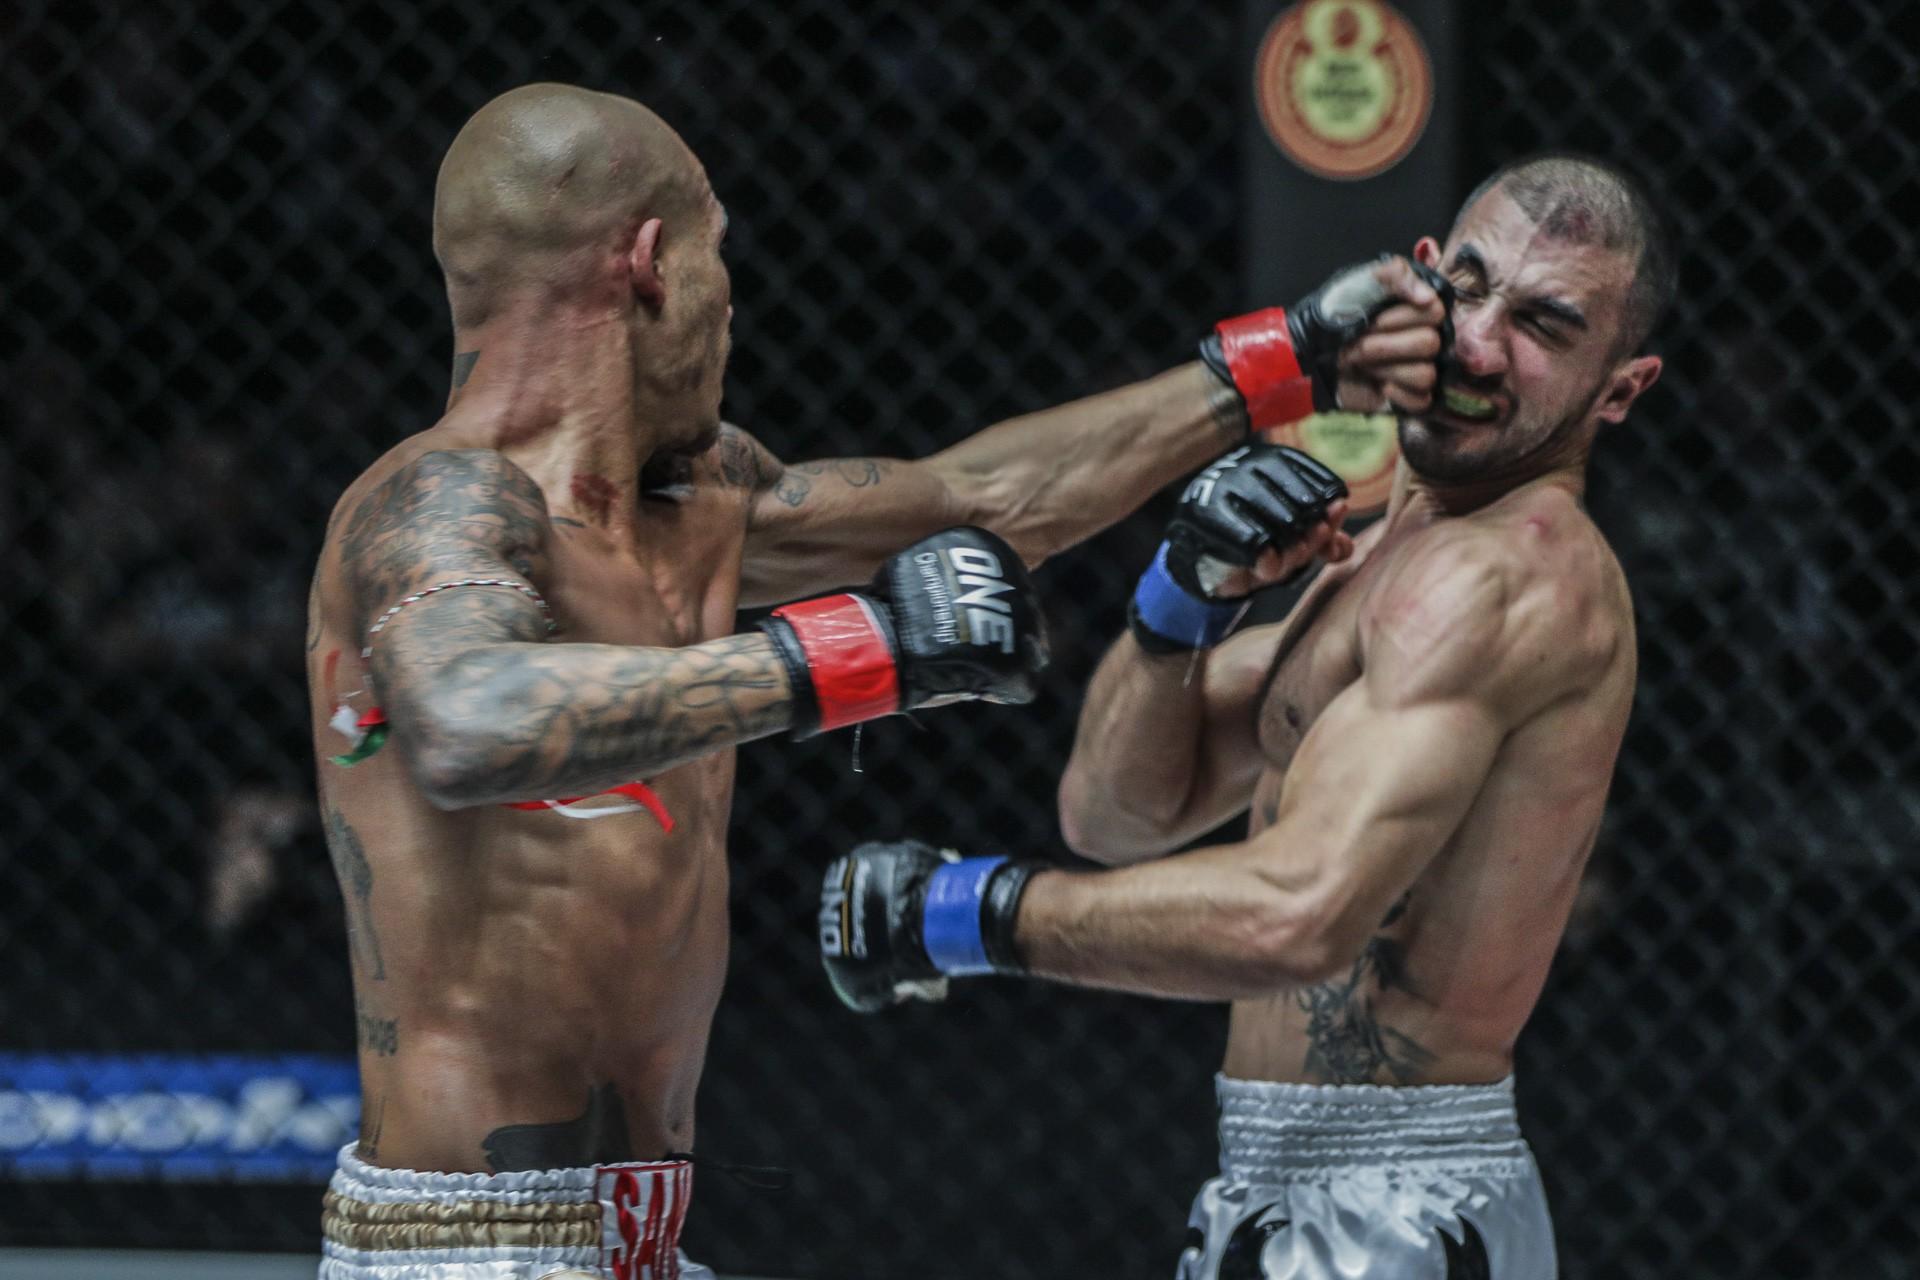 Anh em nhà Petrosyan, niềm vui không trọn vẹn tại ONE Championship - Ảnh 6.